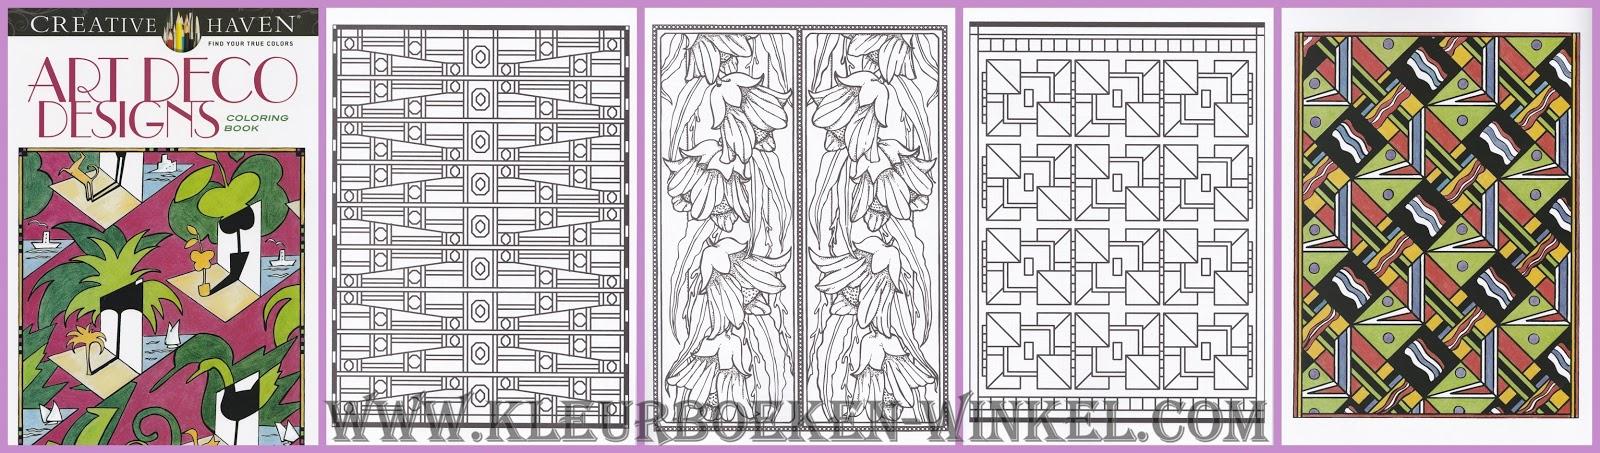 kleurboek art deco designs